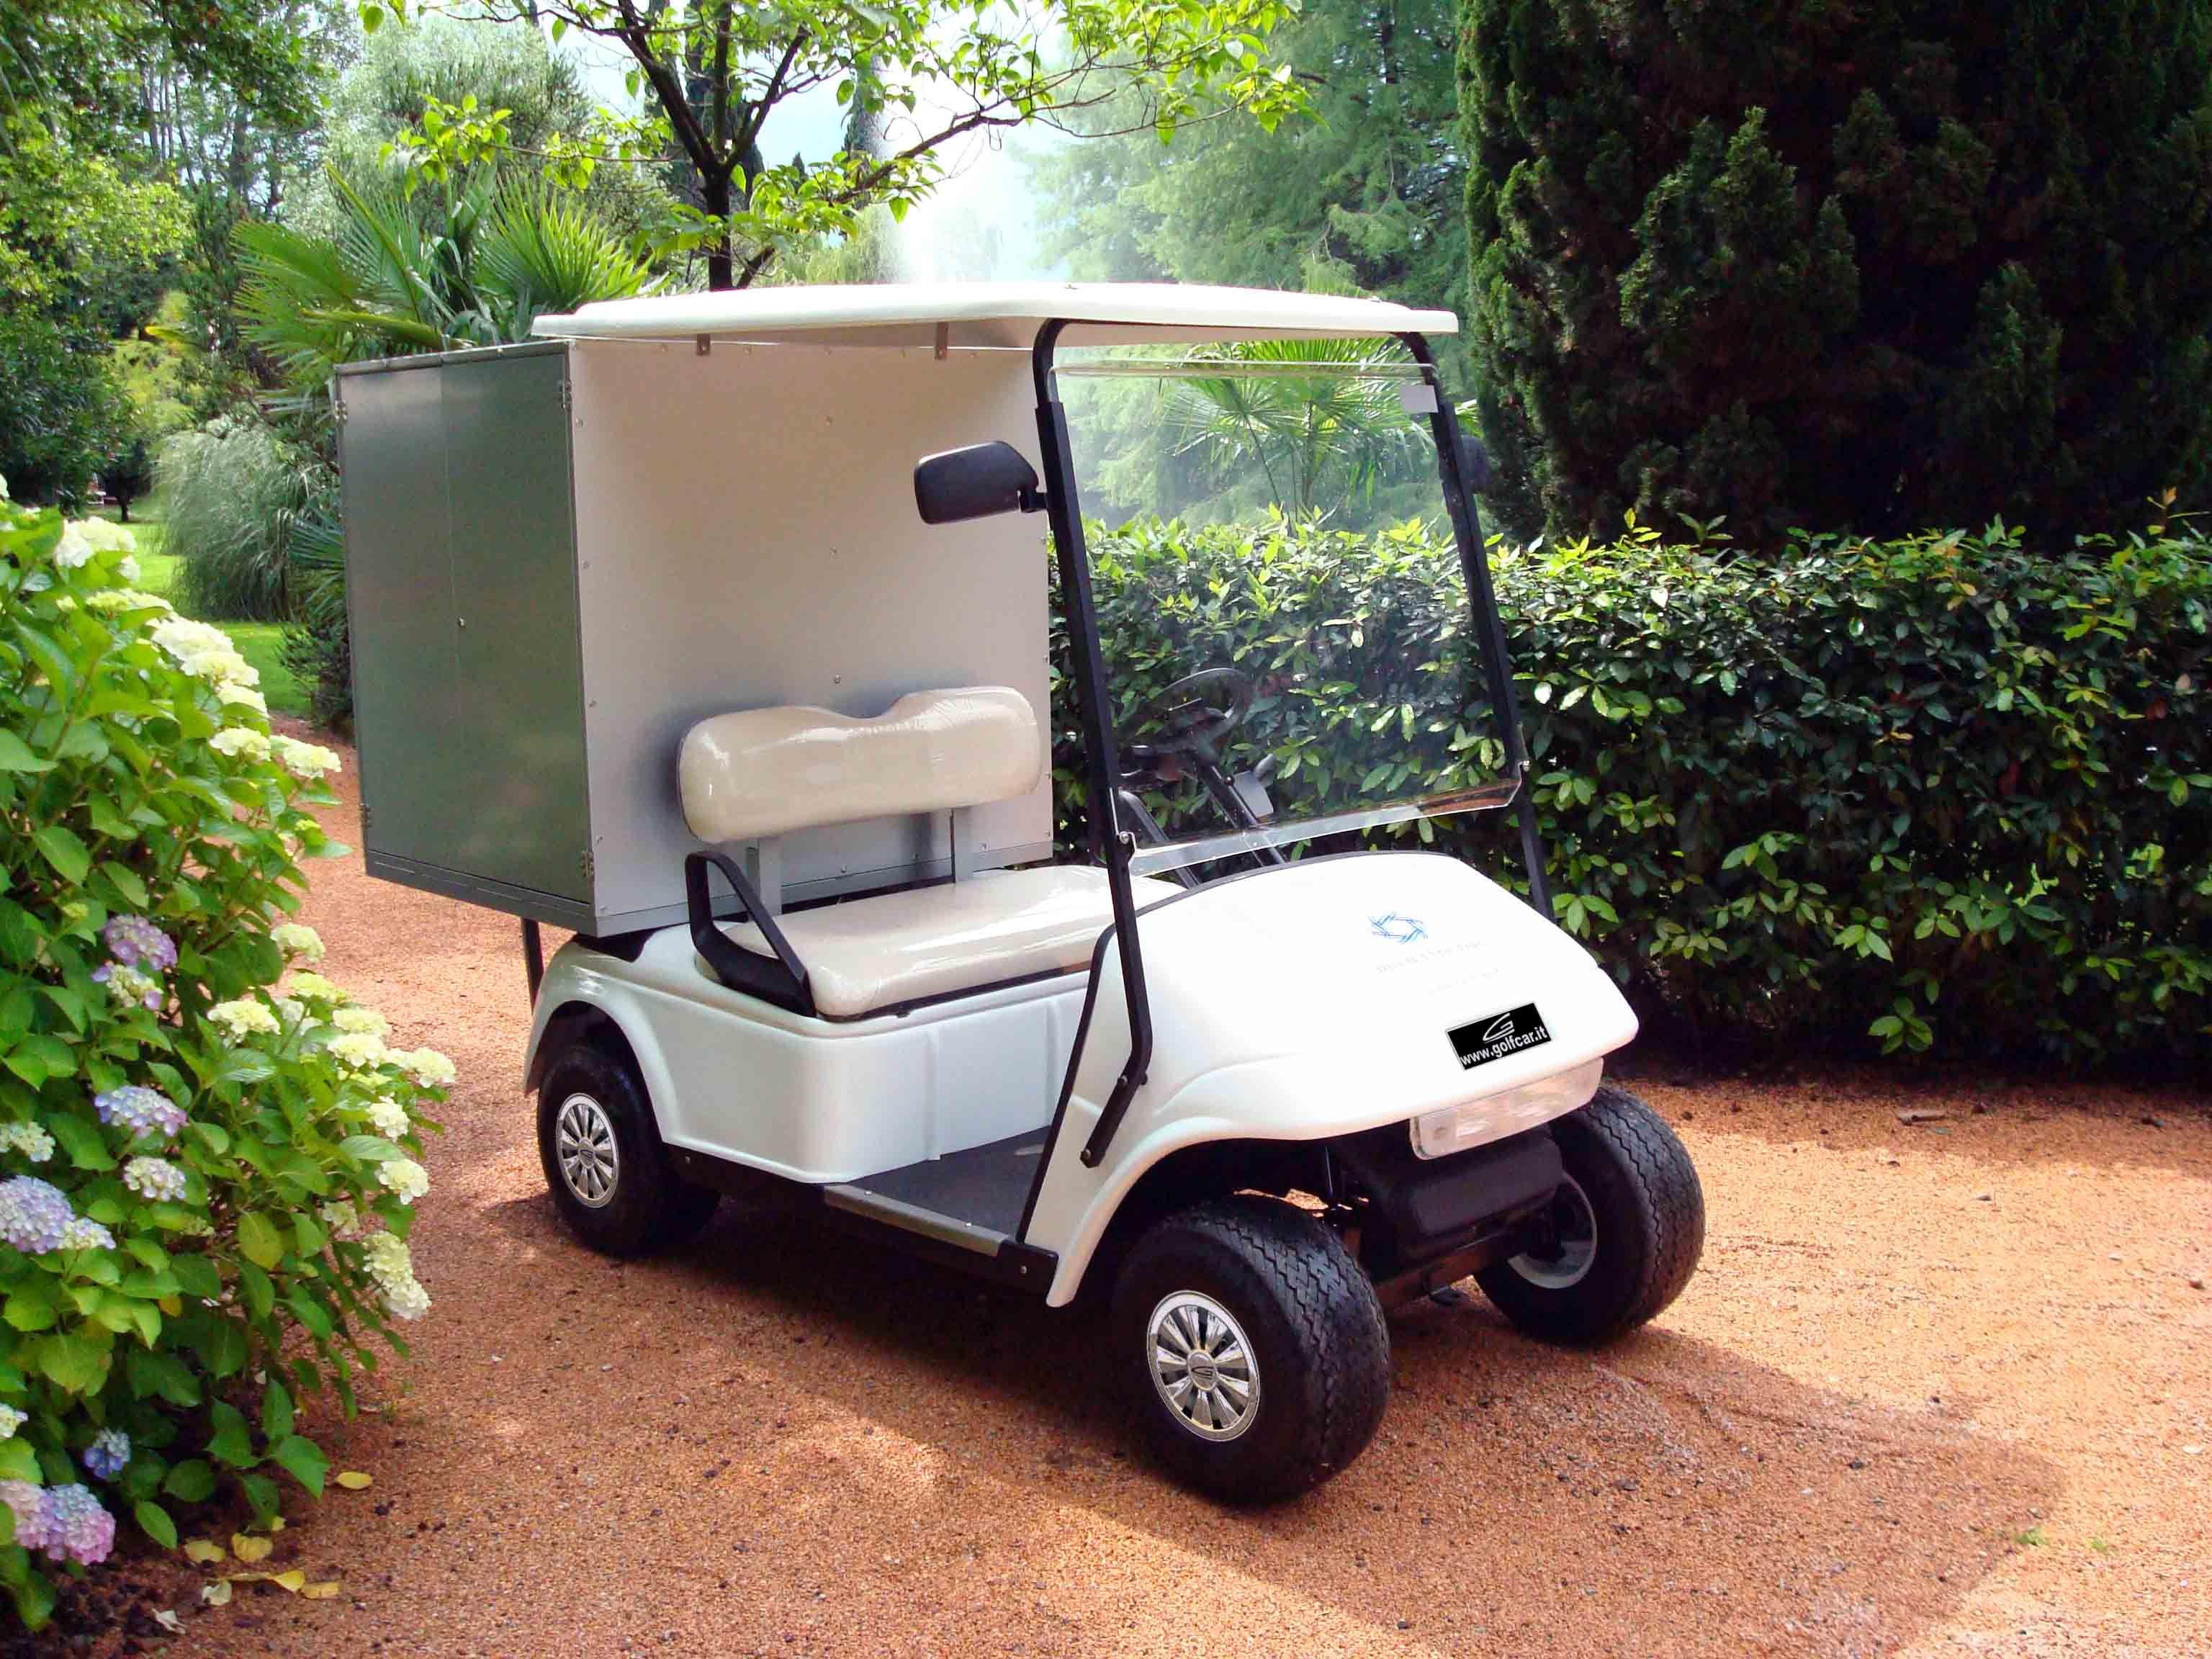 L'eccellenza della applicazione nell'utilizzo dei golf car al servizio del mercato globale. Grand Golf & Utility Cars